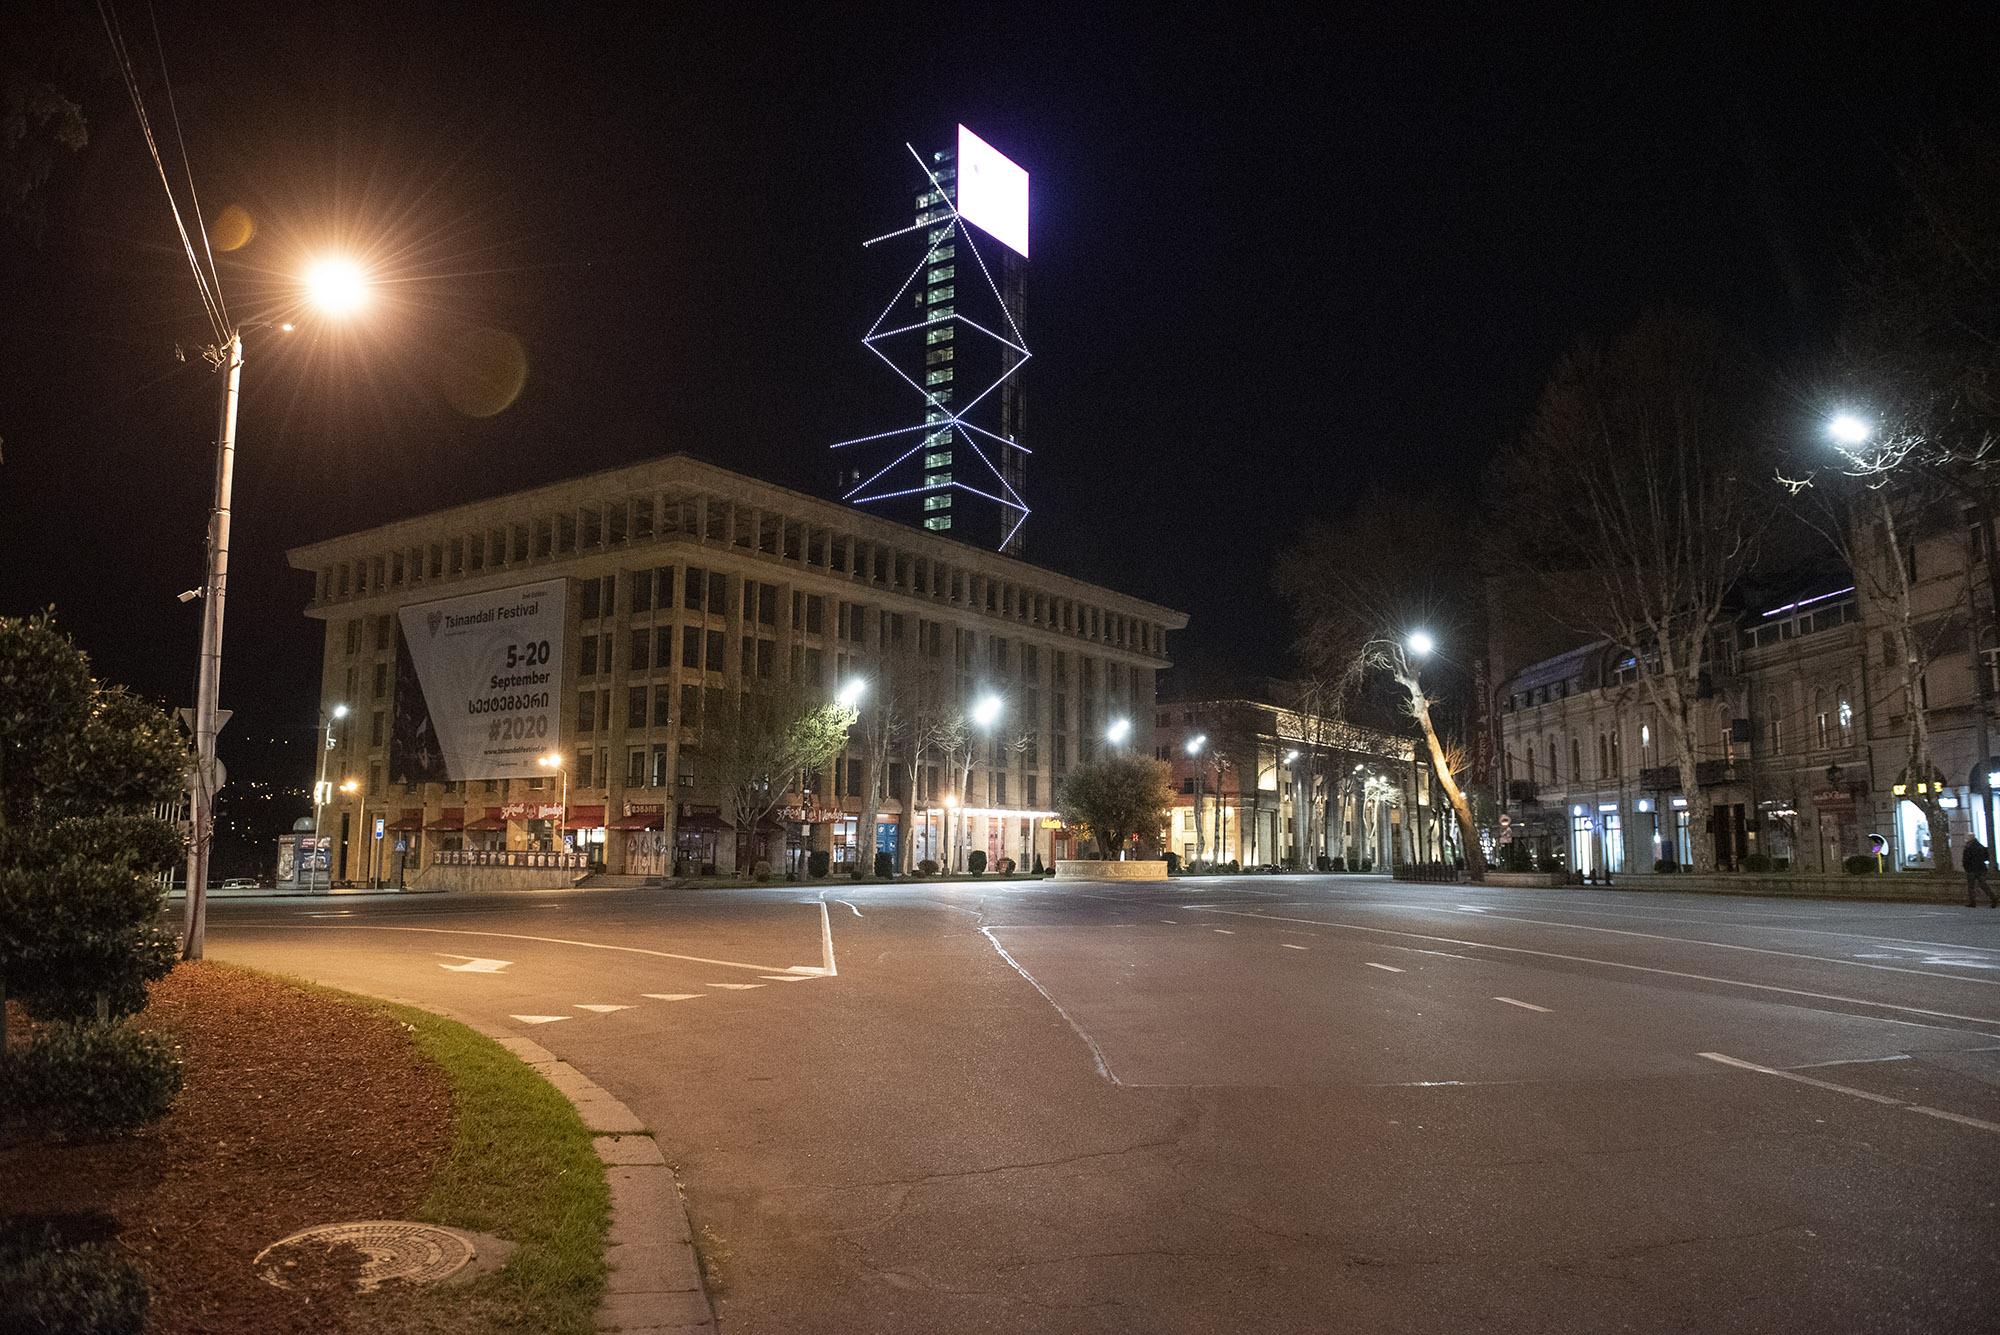 The Biltmore Hotel. Photo: Mariam Nikuradze/OC Media.